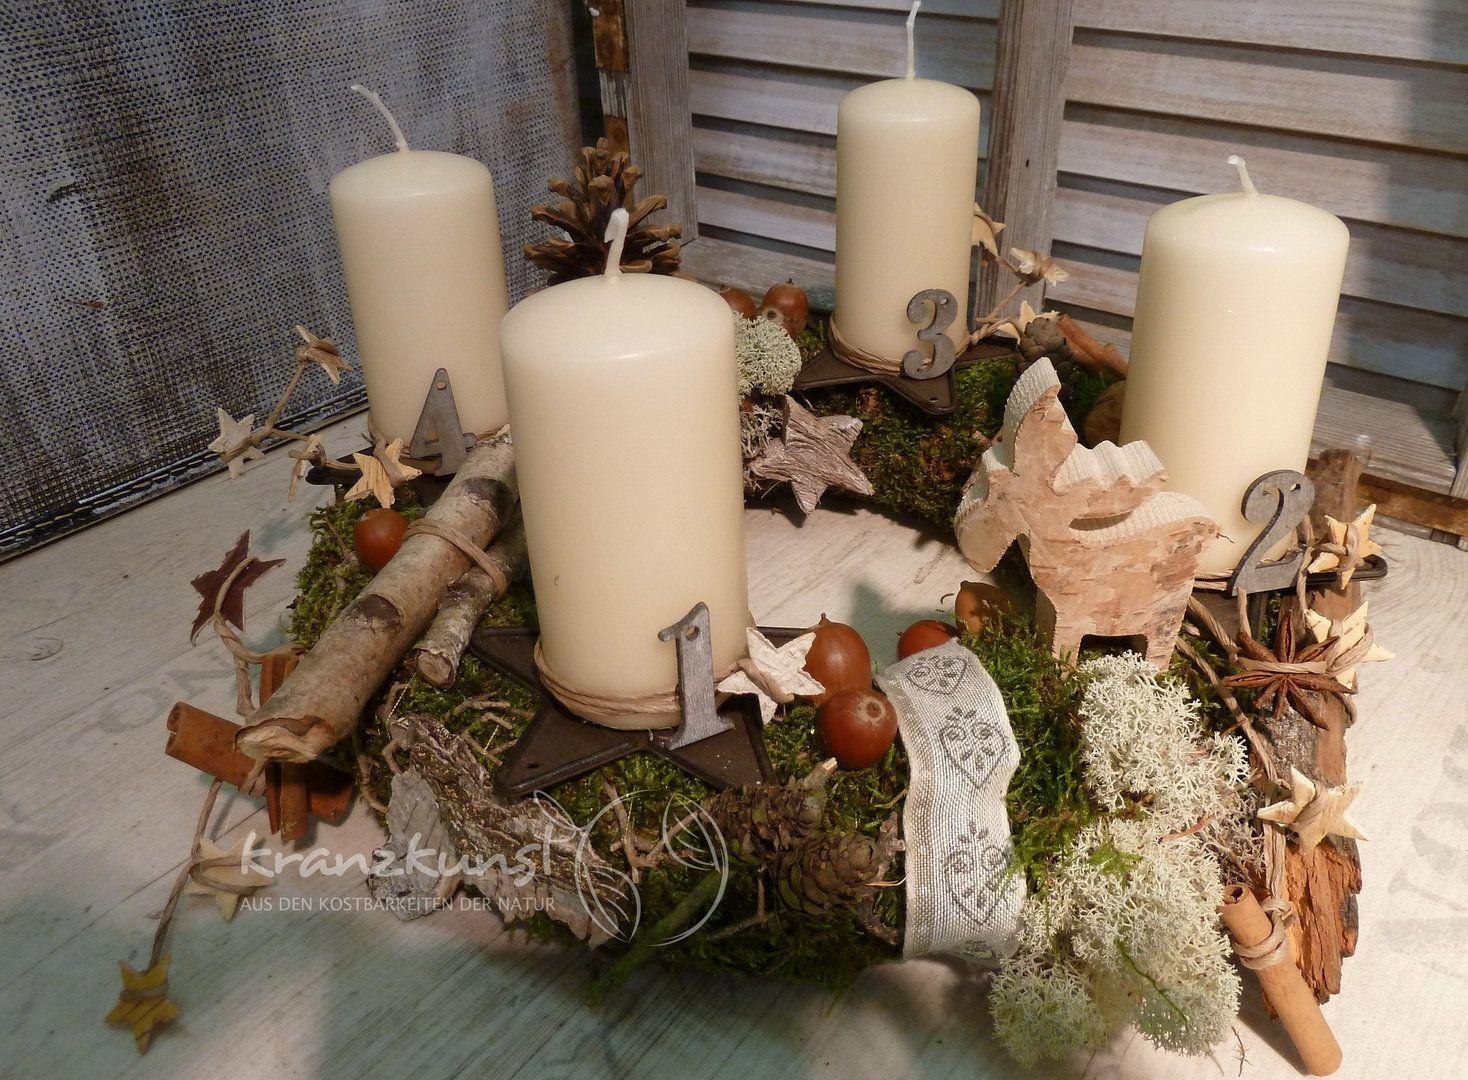 Naturkranz Birkenelch Adventskranz 4lichter Schweden Country Landhaus Adventskranz Weihnachtsdeko Weihnachten Weihnachtszeit